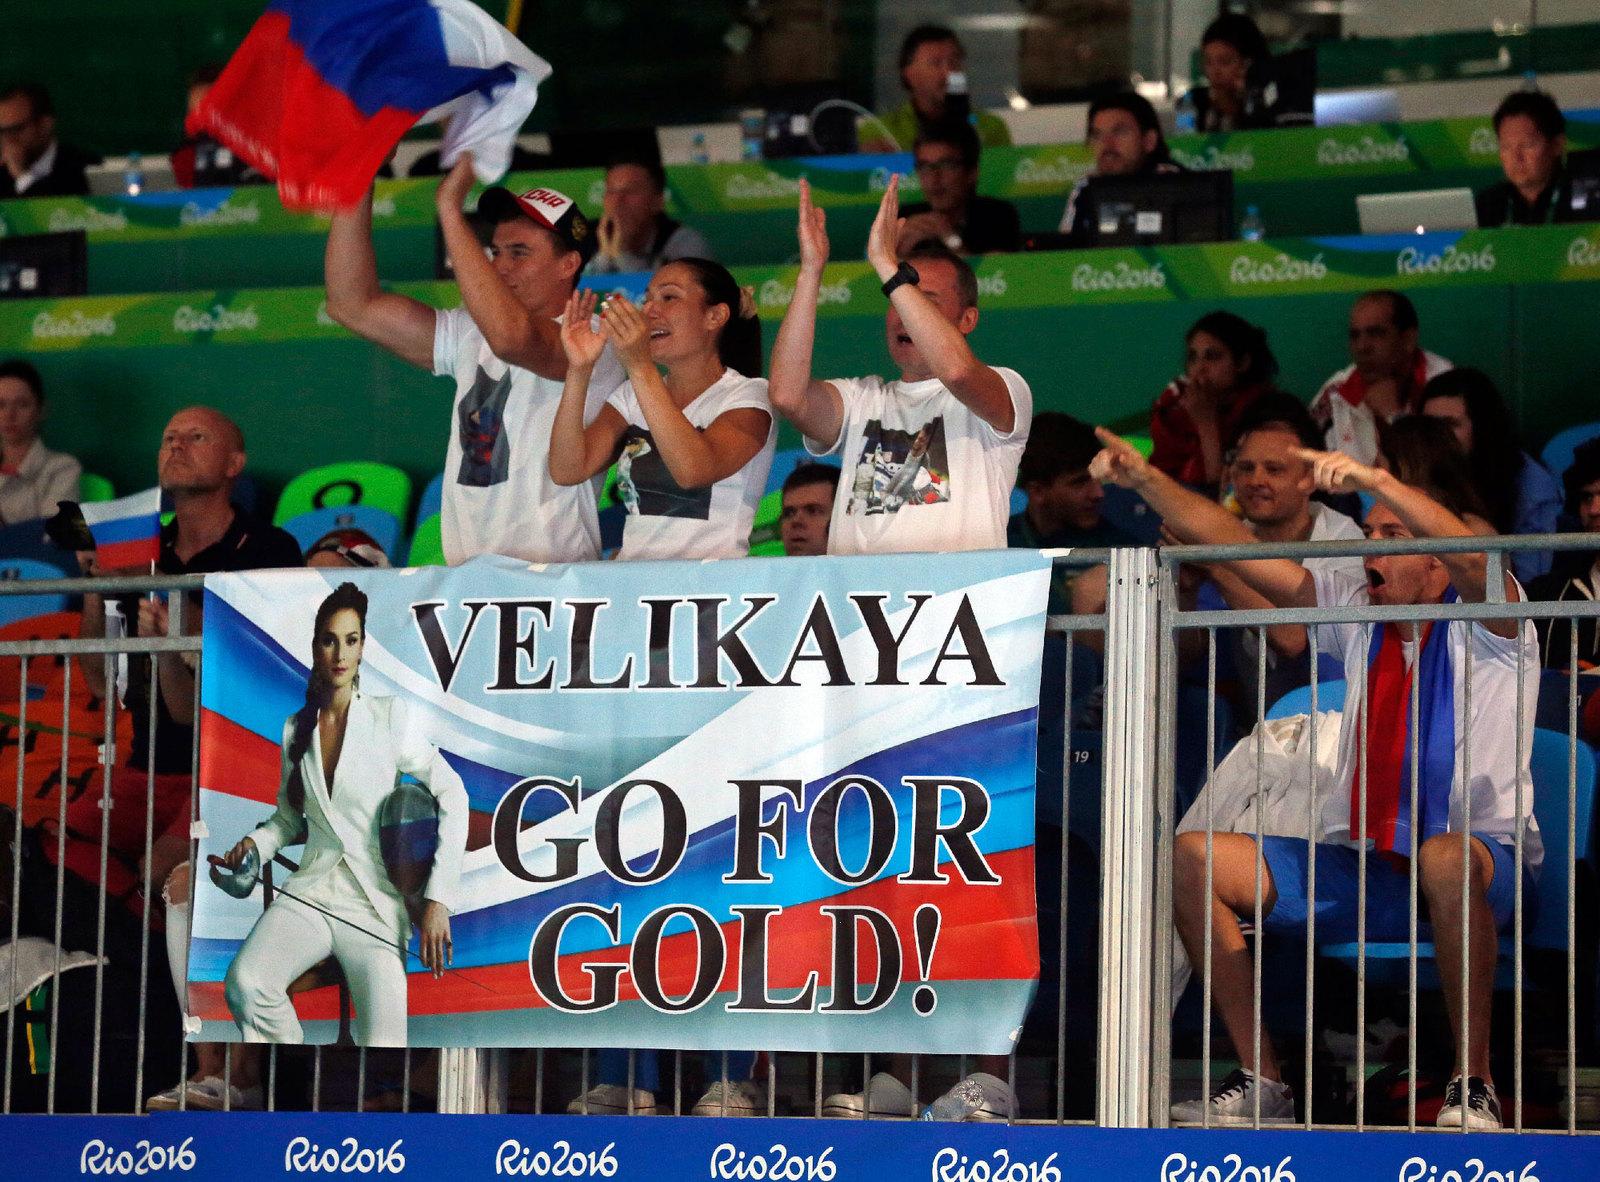 Российские поклонники фехтовани поддерживают на трибунах Софью Великую